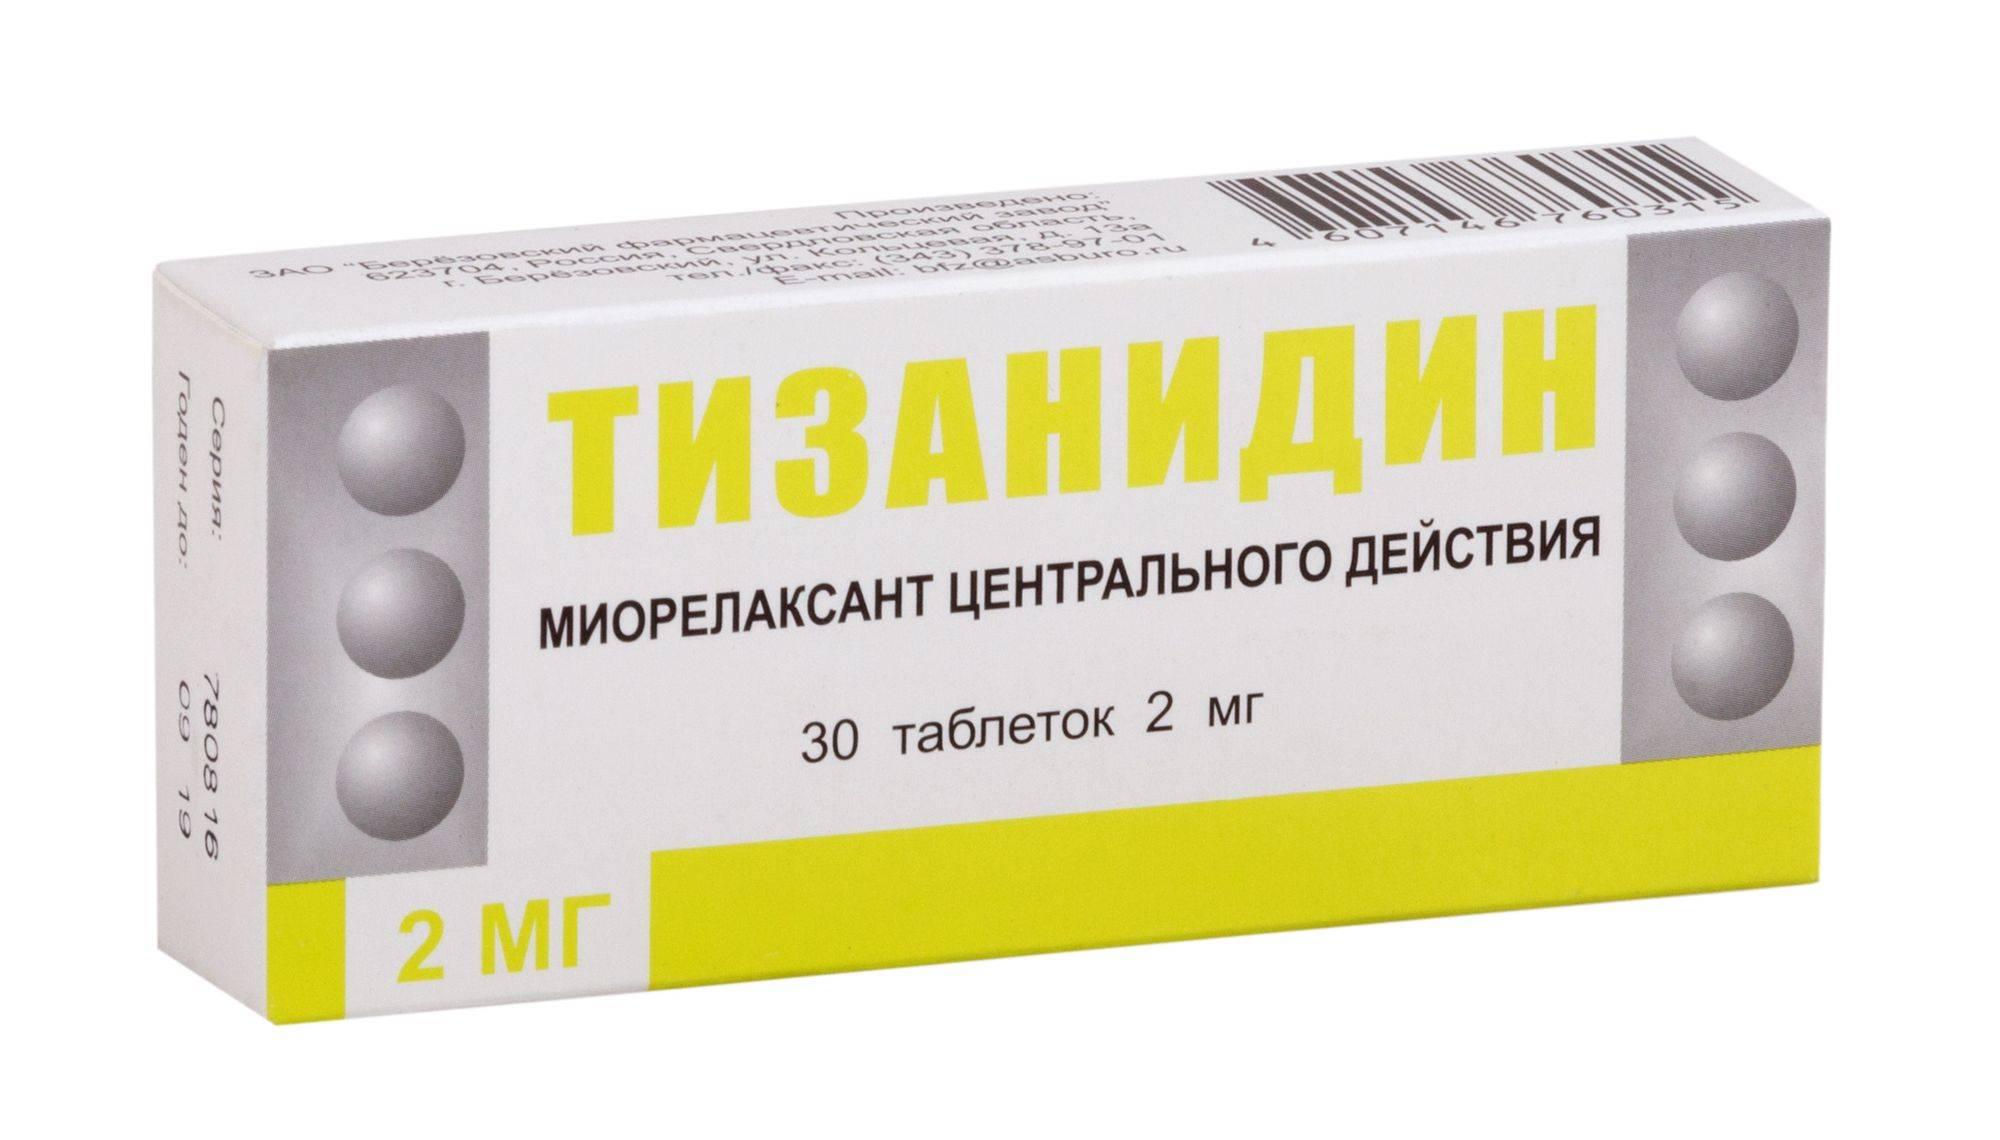 Тизанидин - инструкция, дозировки, аналоги и отзывы